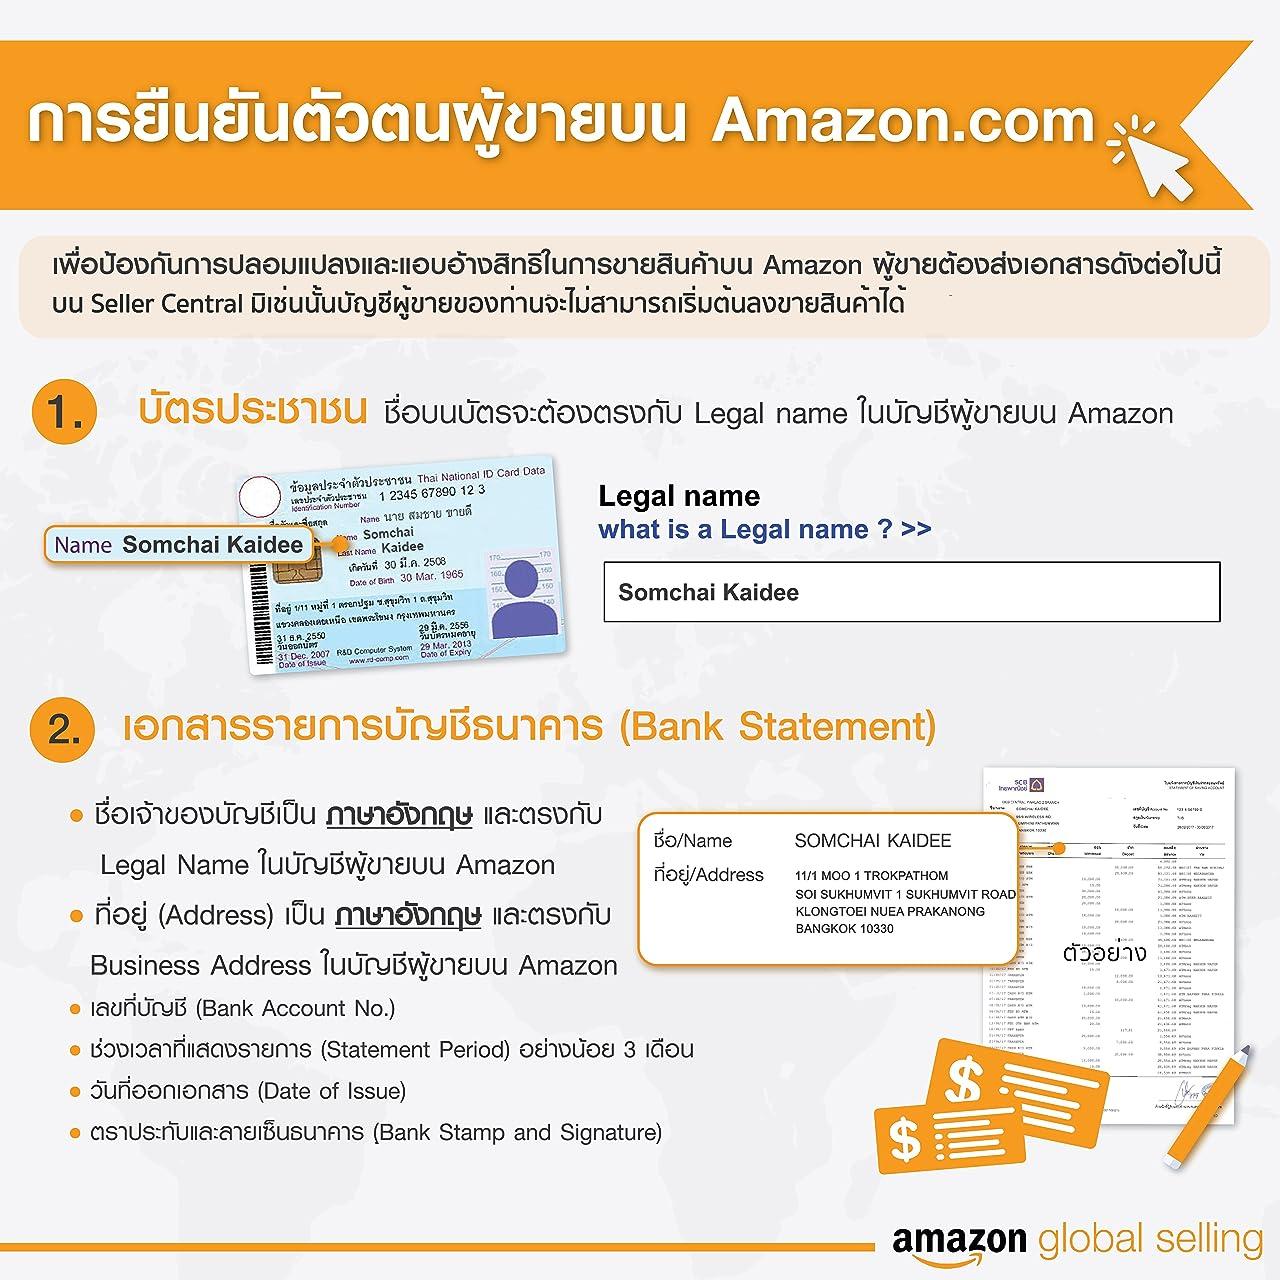 เอกสารสำหรับยืนยันตัวตนตามข้อมูลของ Amazon Global Selling